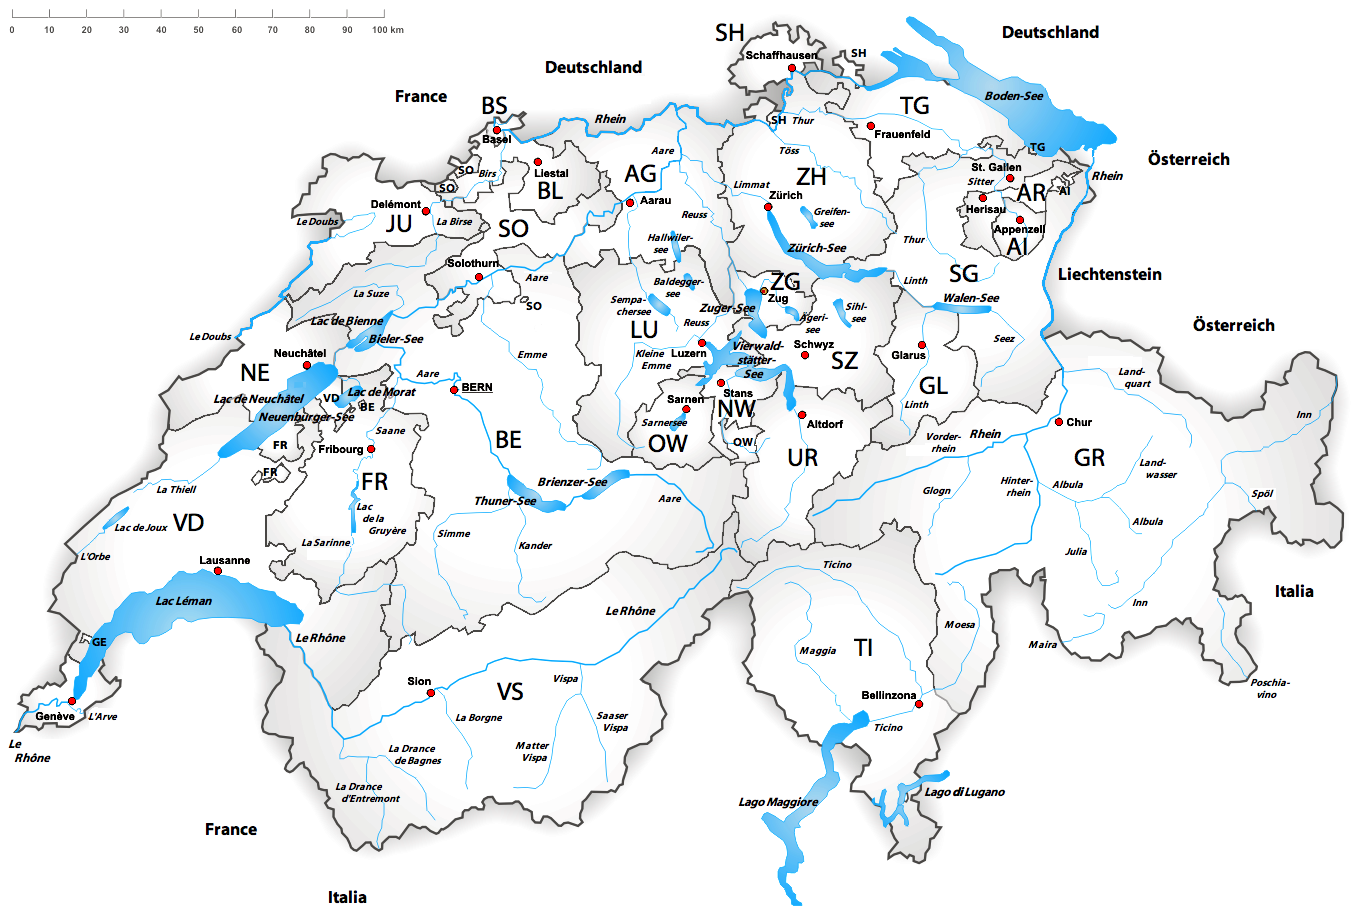 Liste der grössten Seen in der Schweiz - Wikiwand